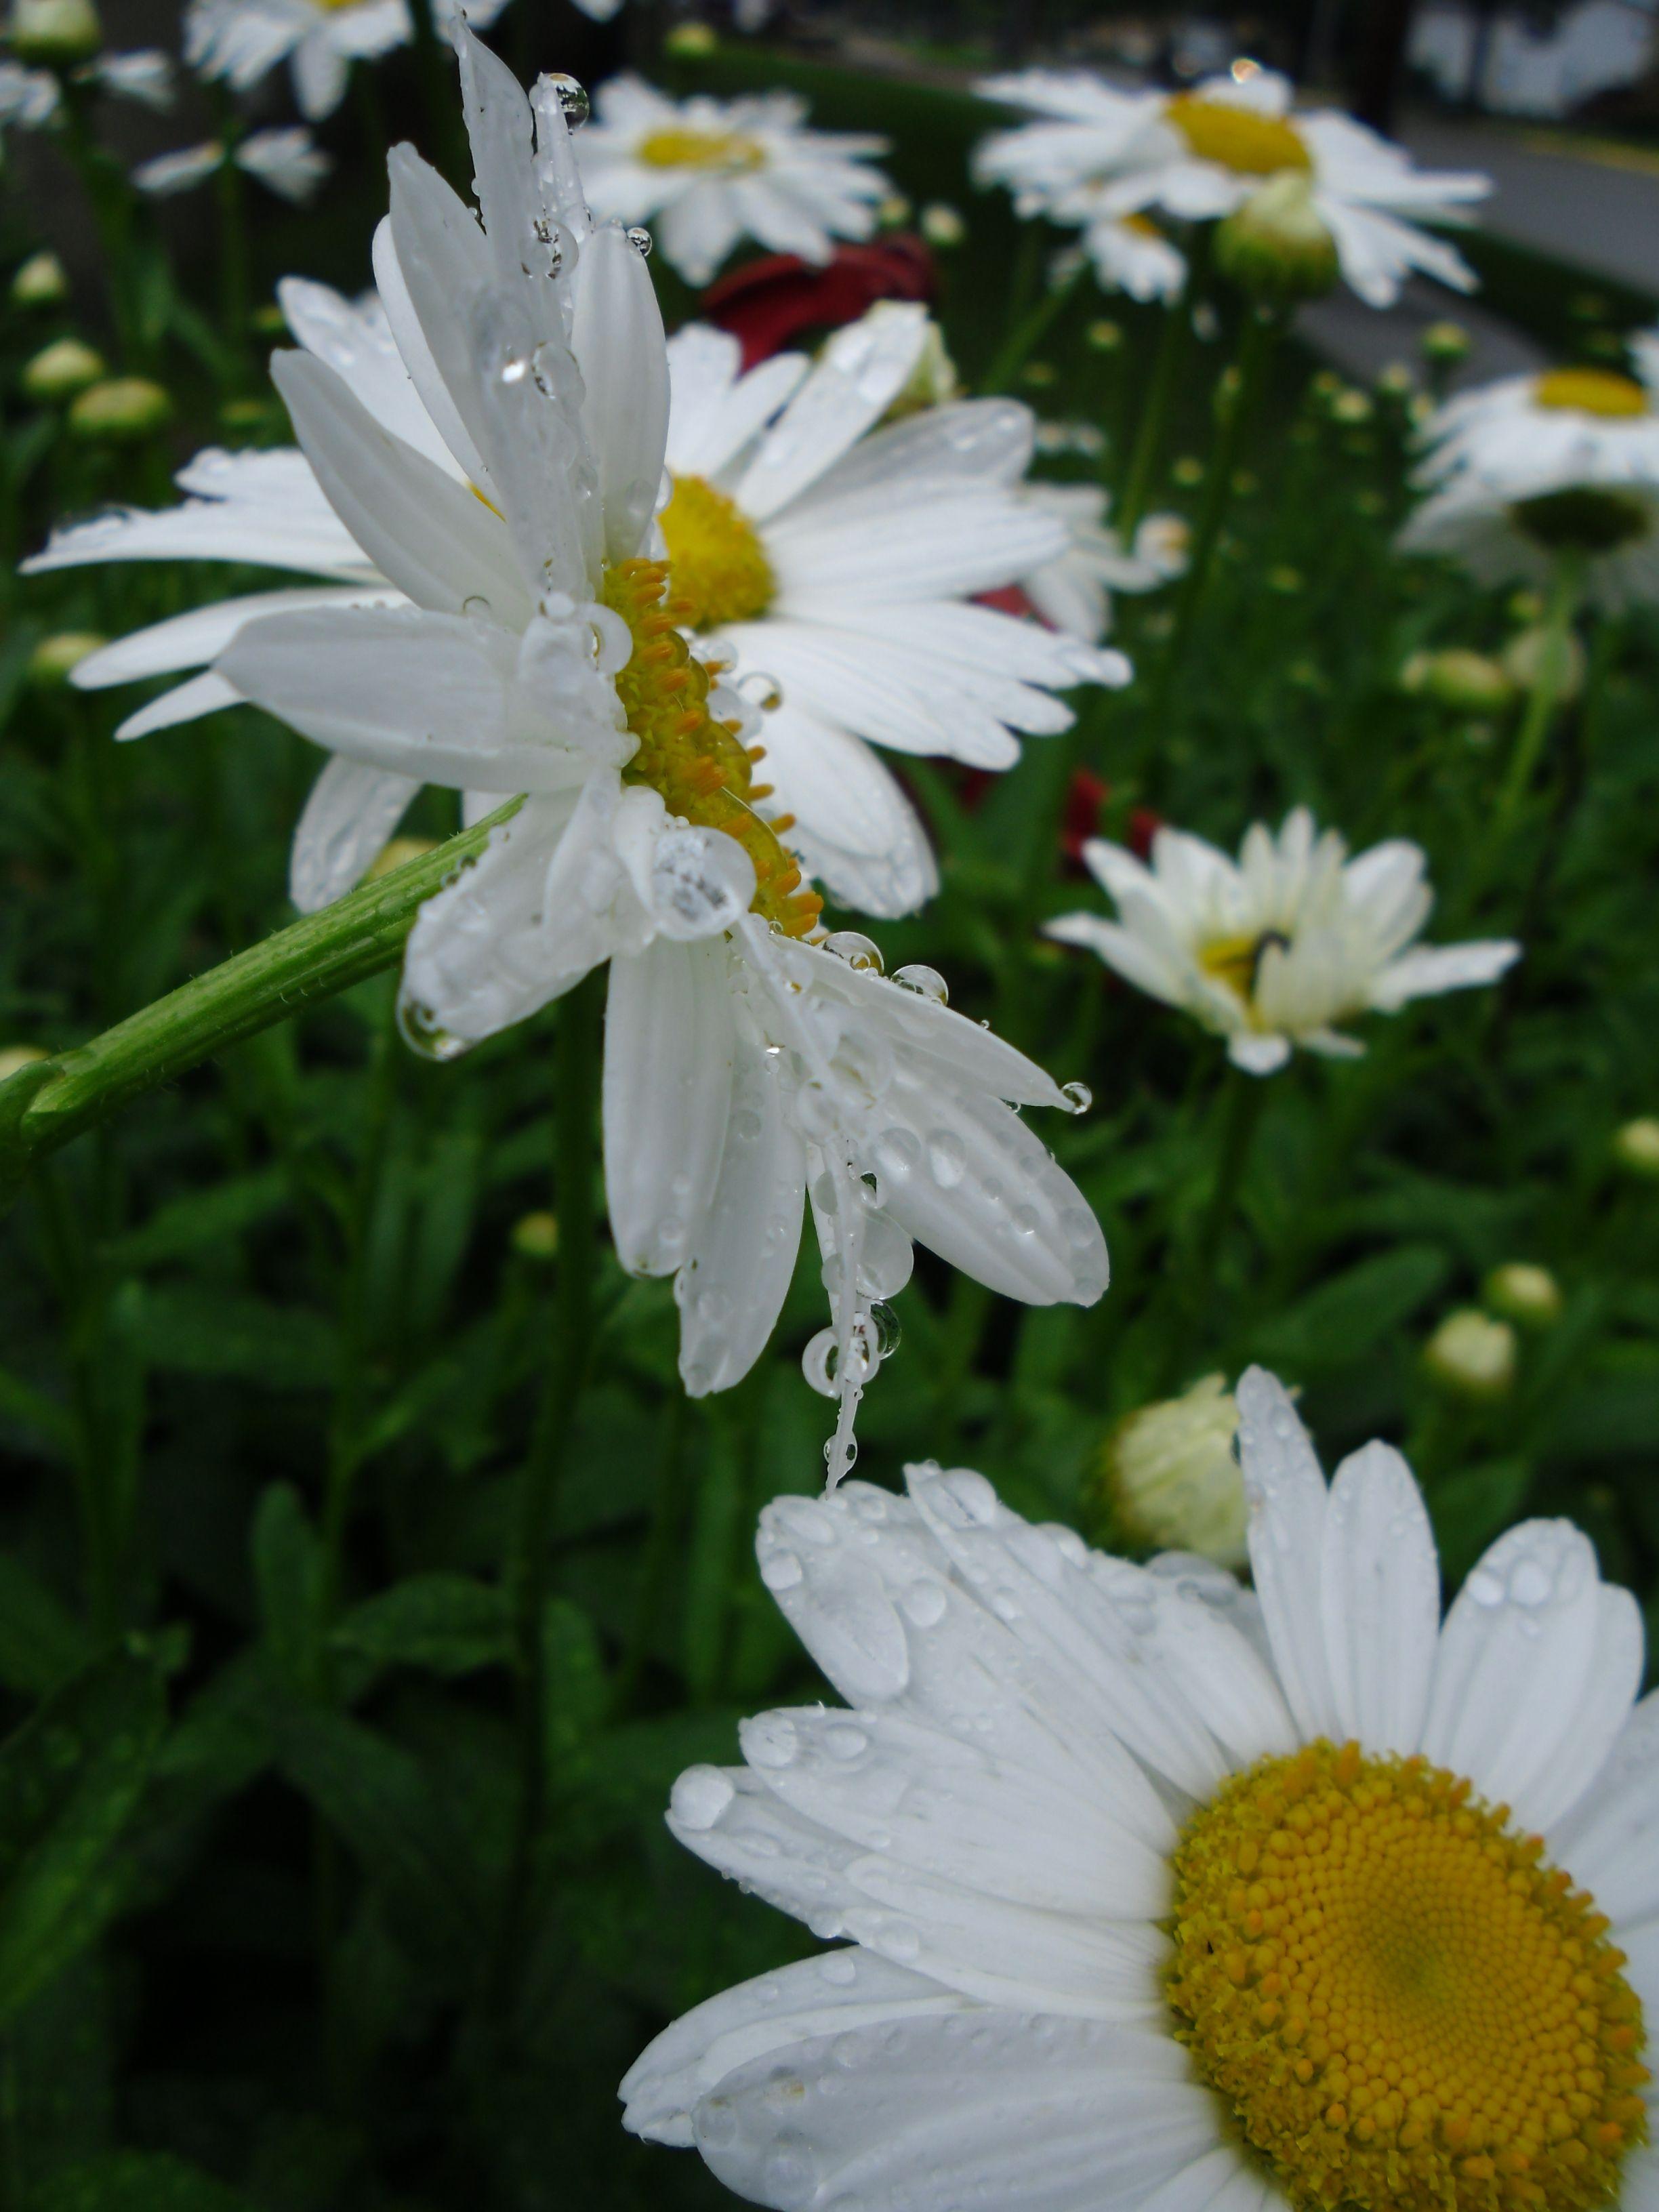 Drop's on flowers